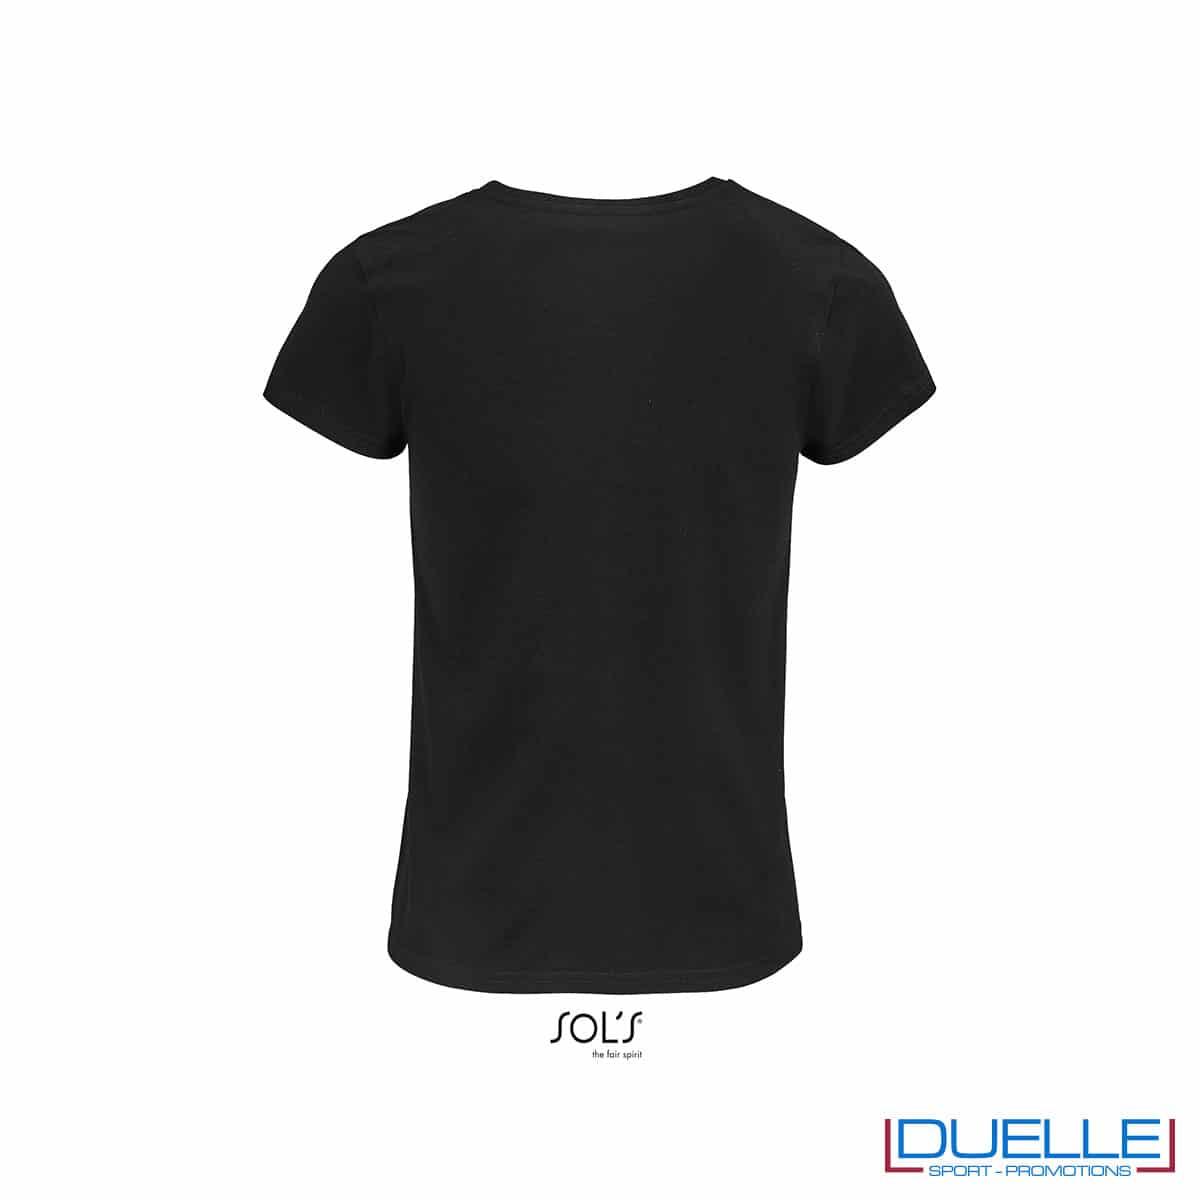 retro maglietta donna nero 100% cotone